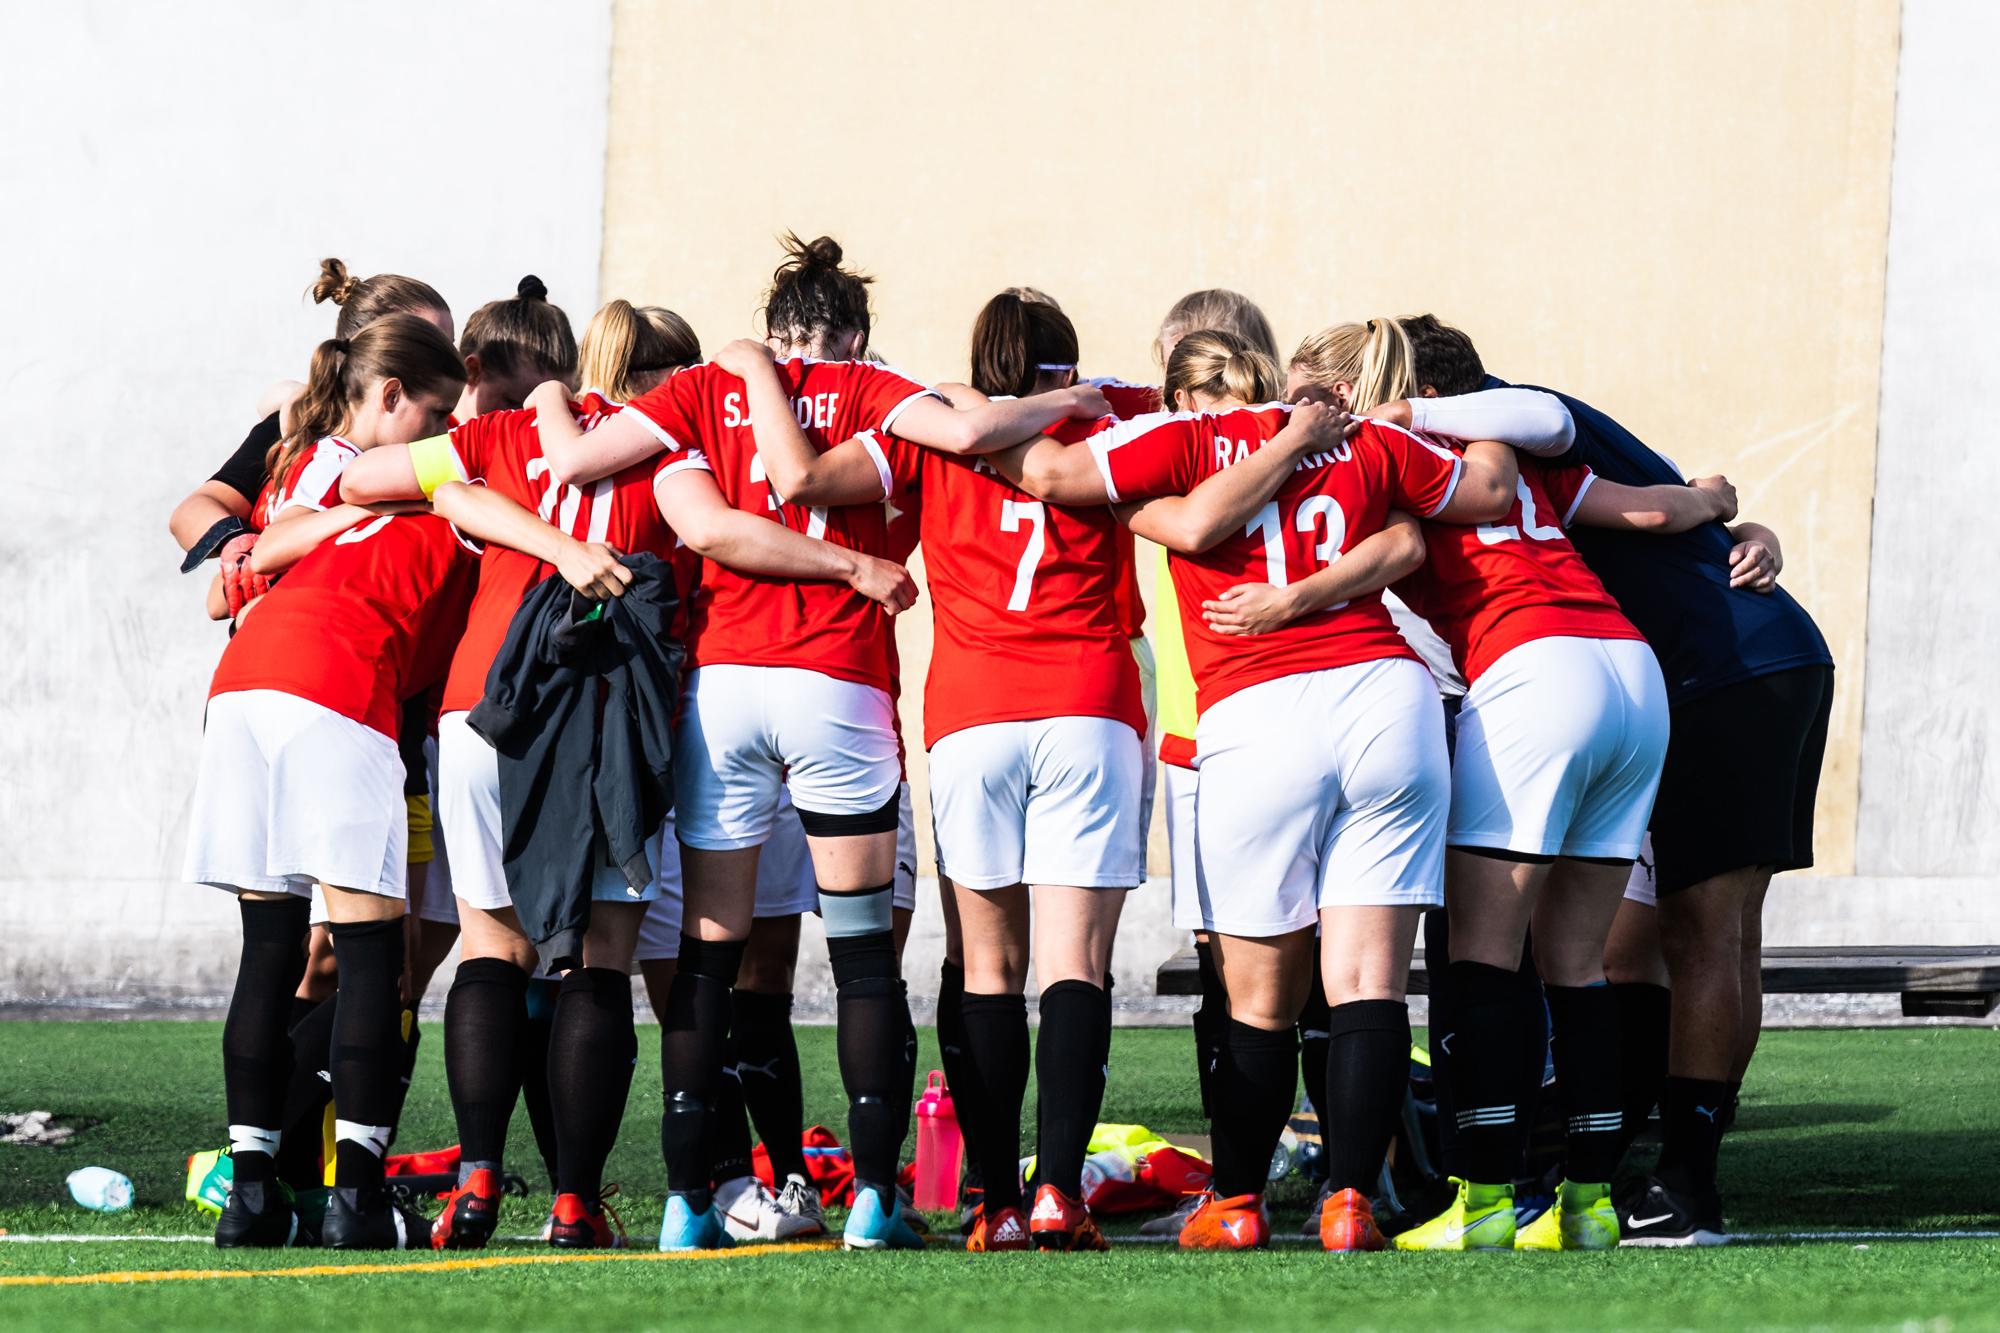 Tule pelaamaan futista HIFK:n uuteen naisjoukkueeseen